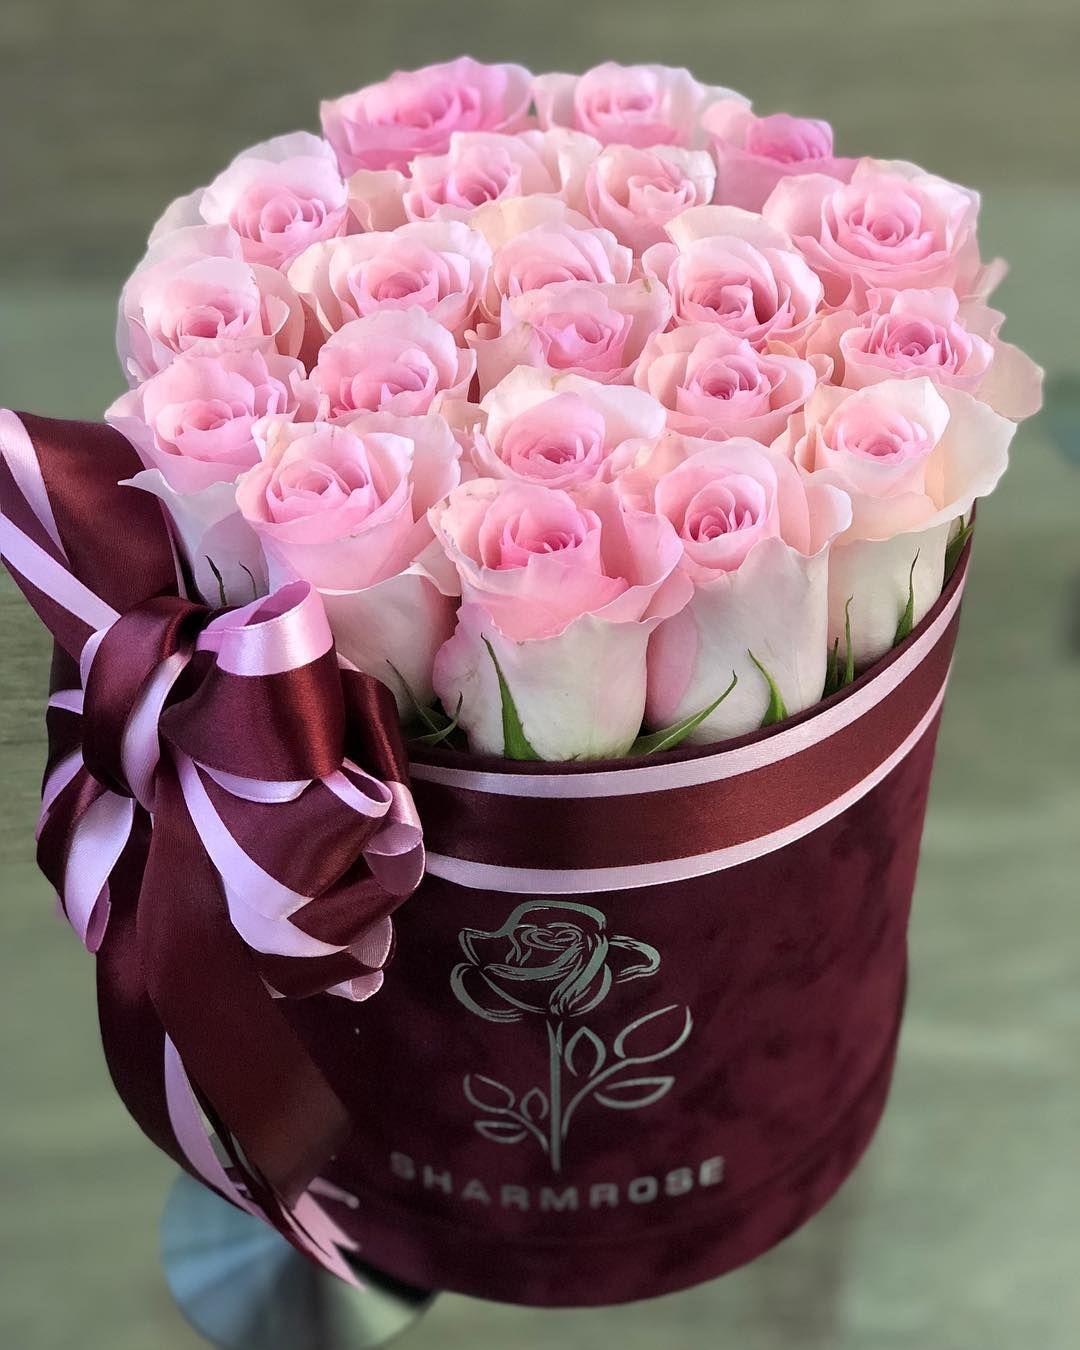 Поздравление с днем рождения красивый букет роз